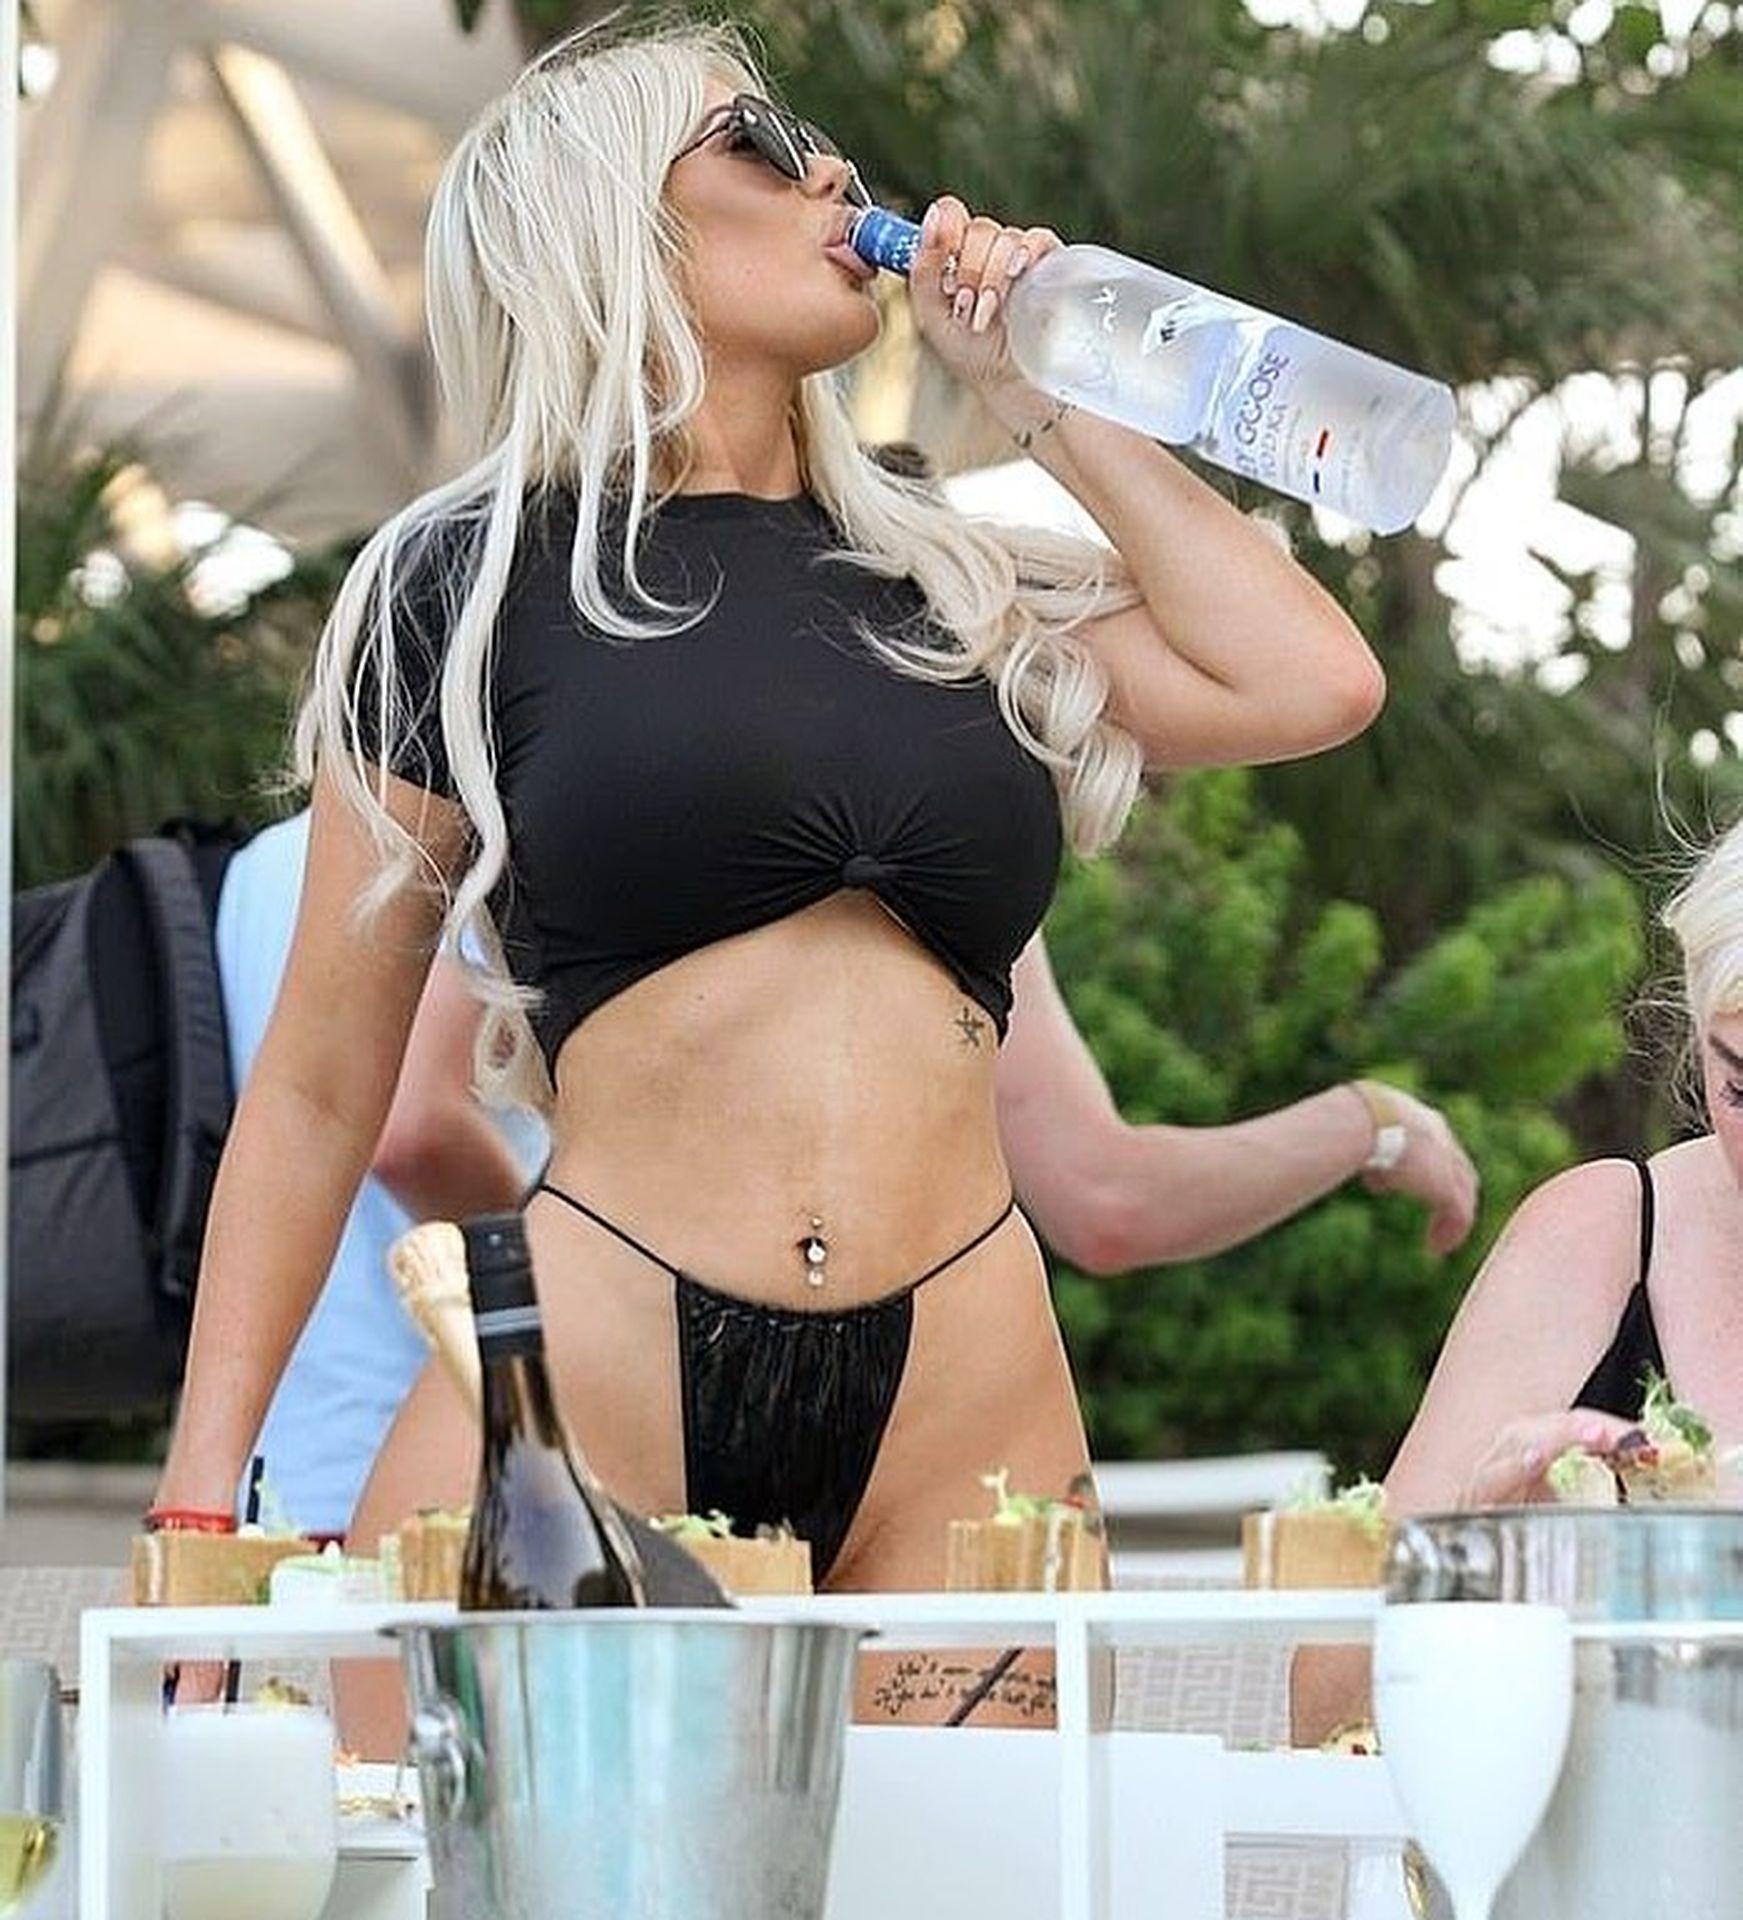 Ana Braga Desnuda chloe ferry sexy thong candids en dubai - celebs porno